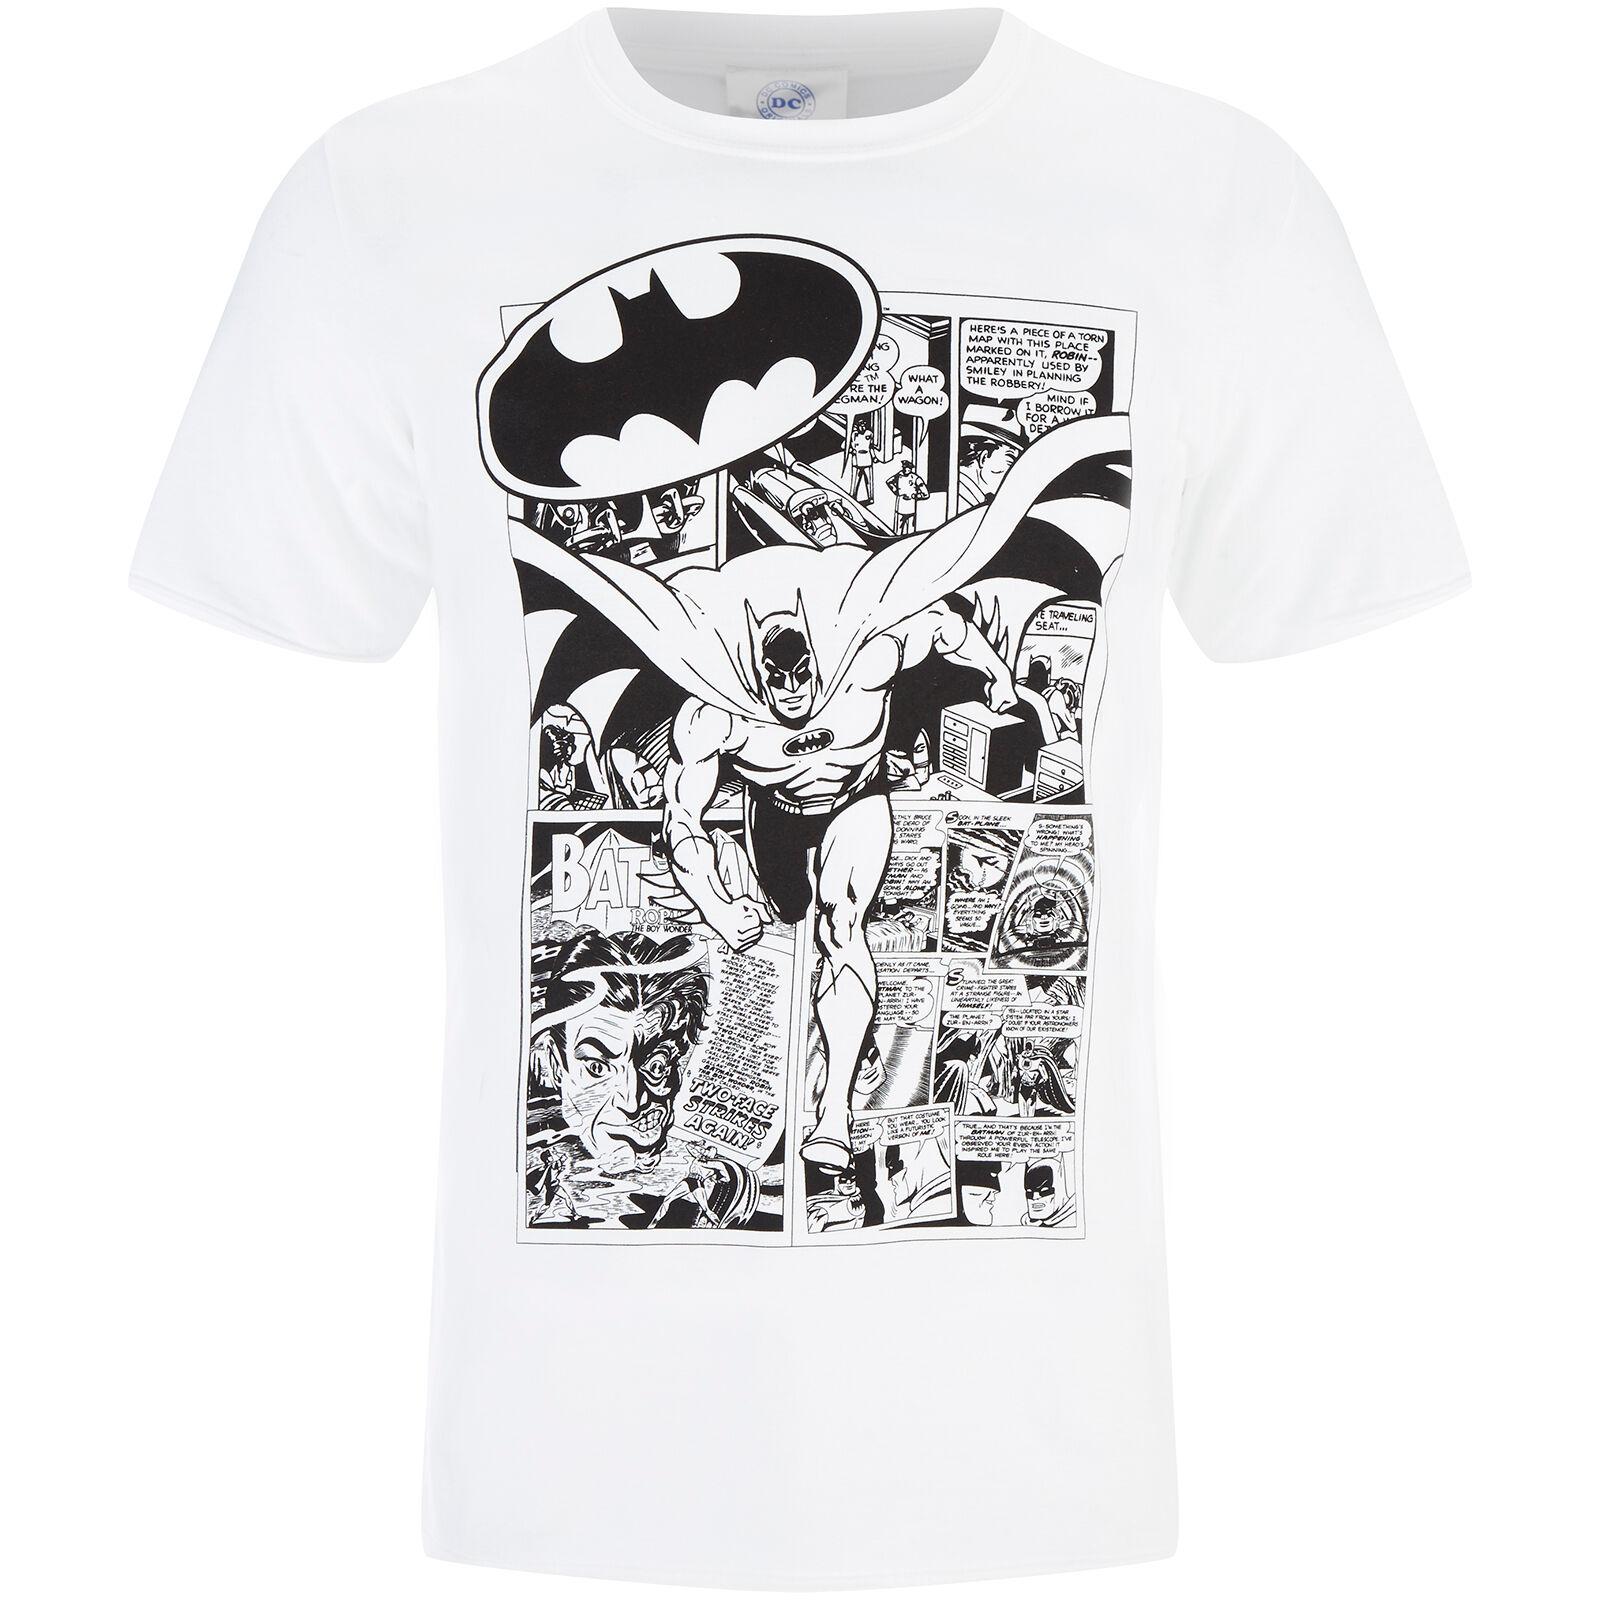 Geek Clothing DC Comics Men's Batman Comic Strip T-Shirt - White - M - White